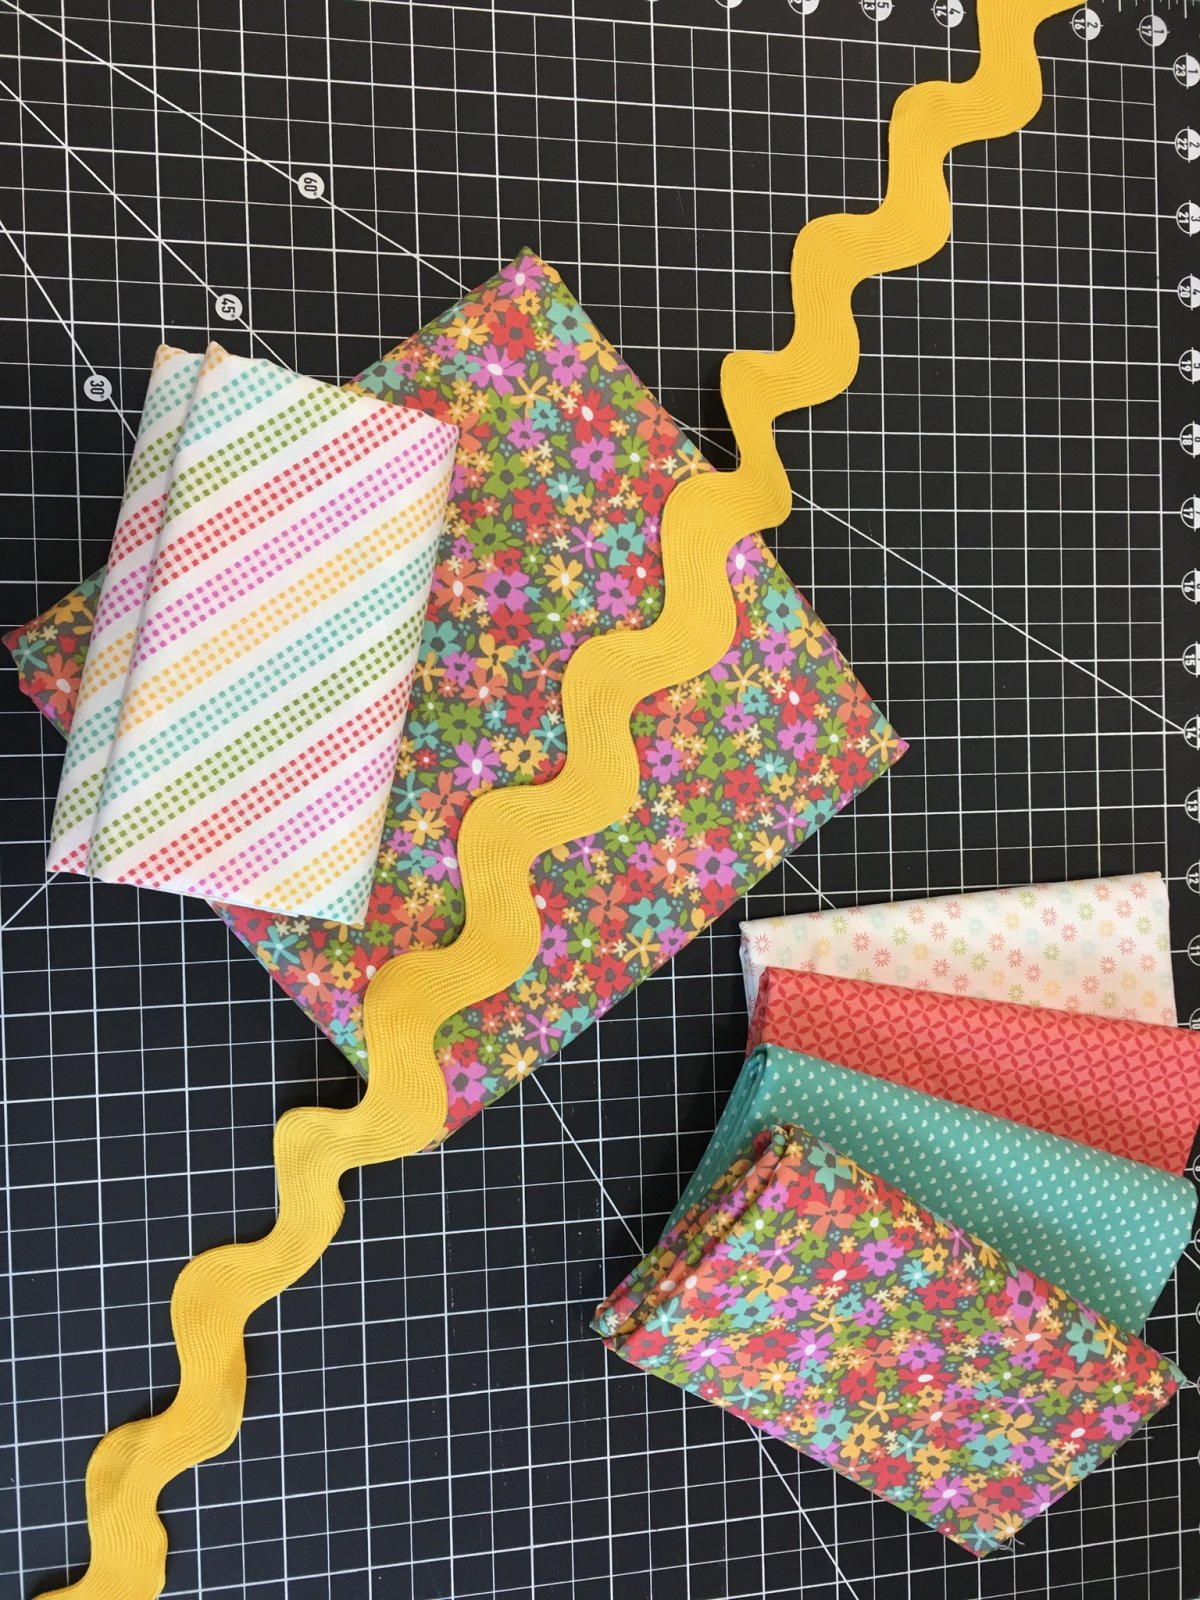 Kit - Simple Baby Fun - Bright - 591685